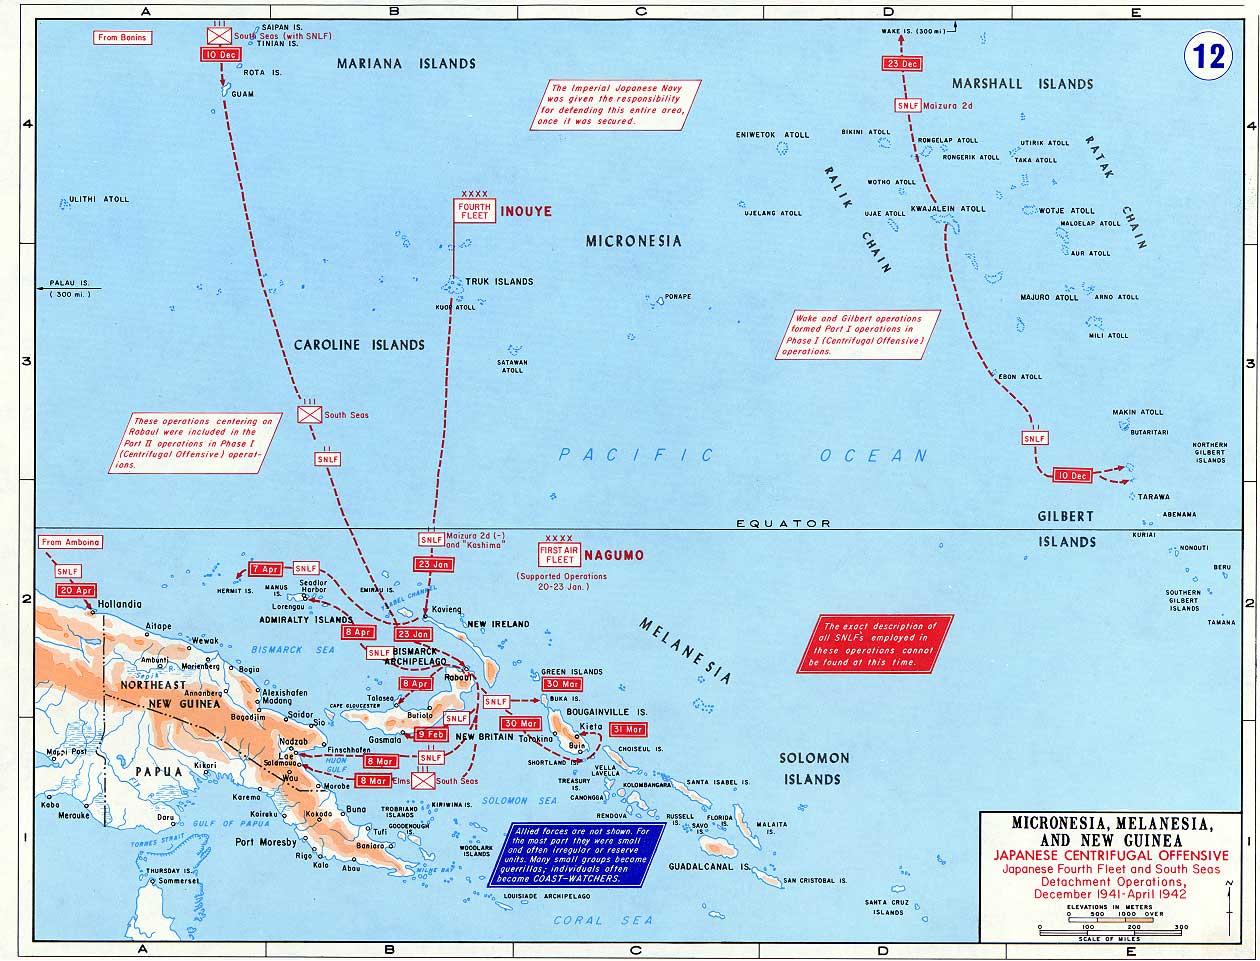 British Solomon Islands